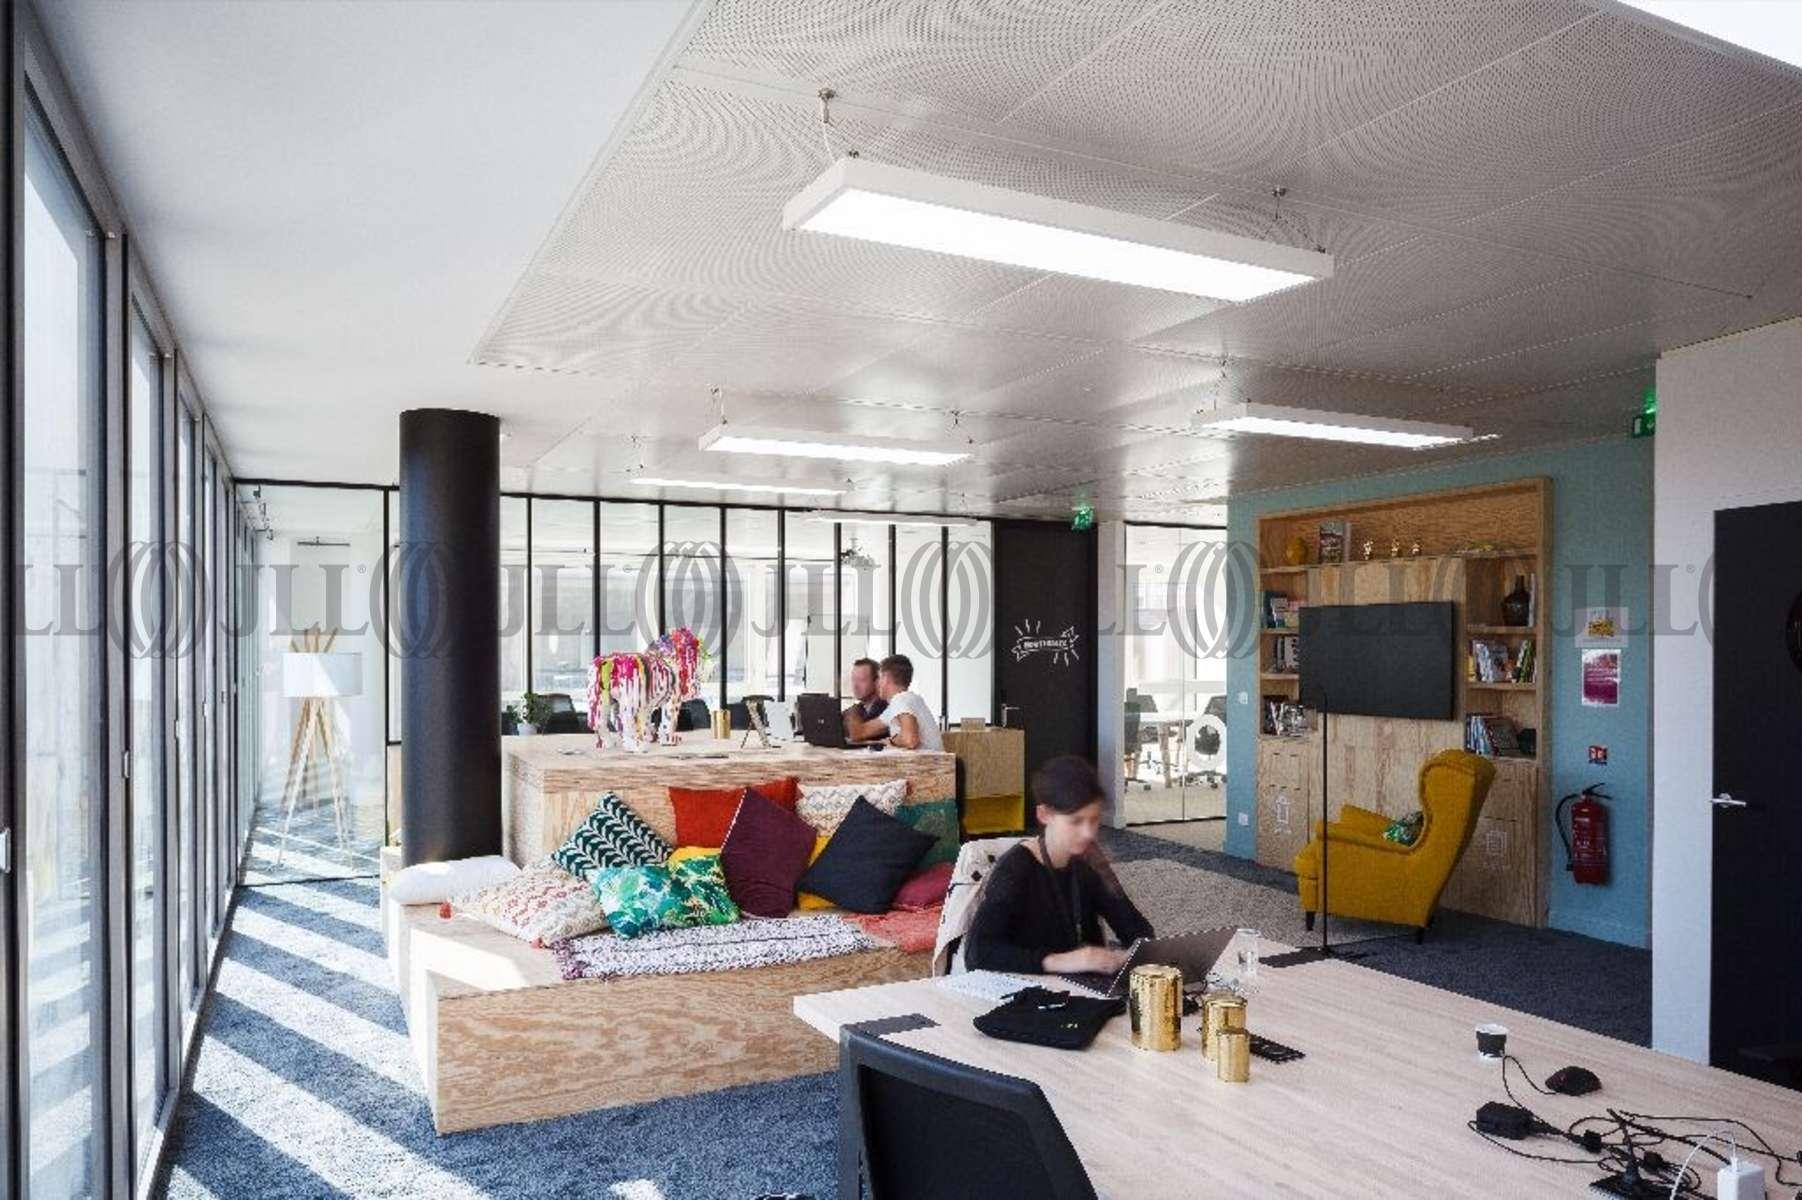 Bureaux Partagés Lyon : Location bureaux partagés lyon bureaux à louer les berges du